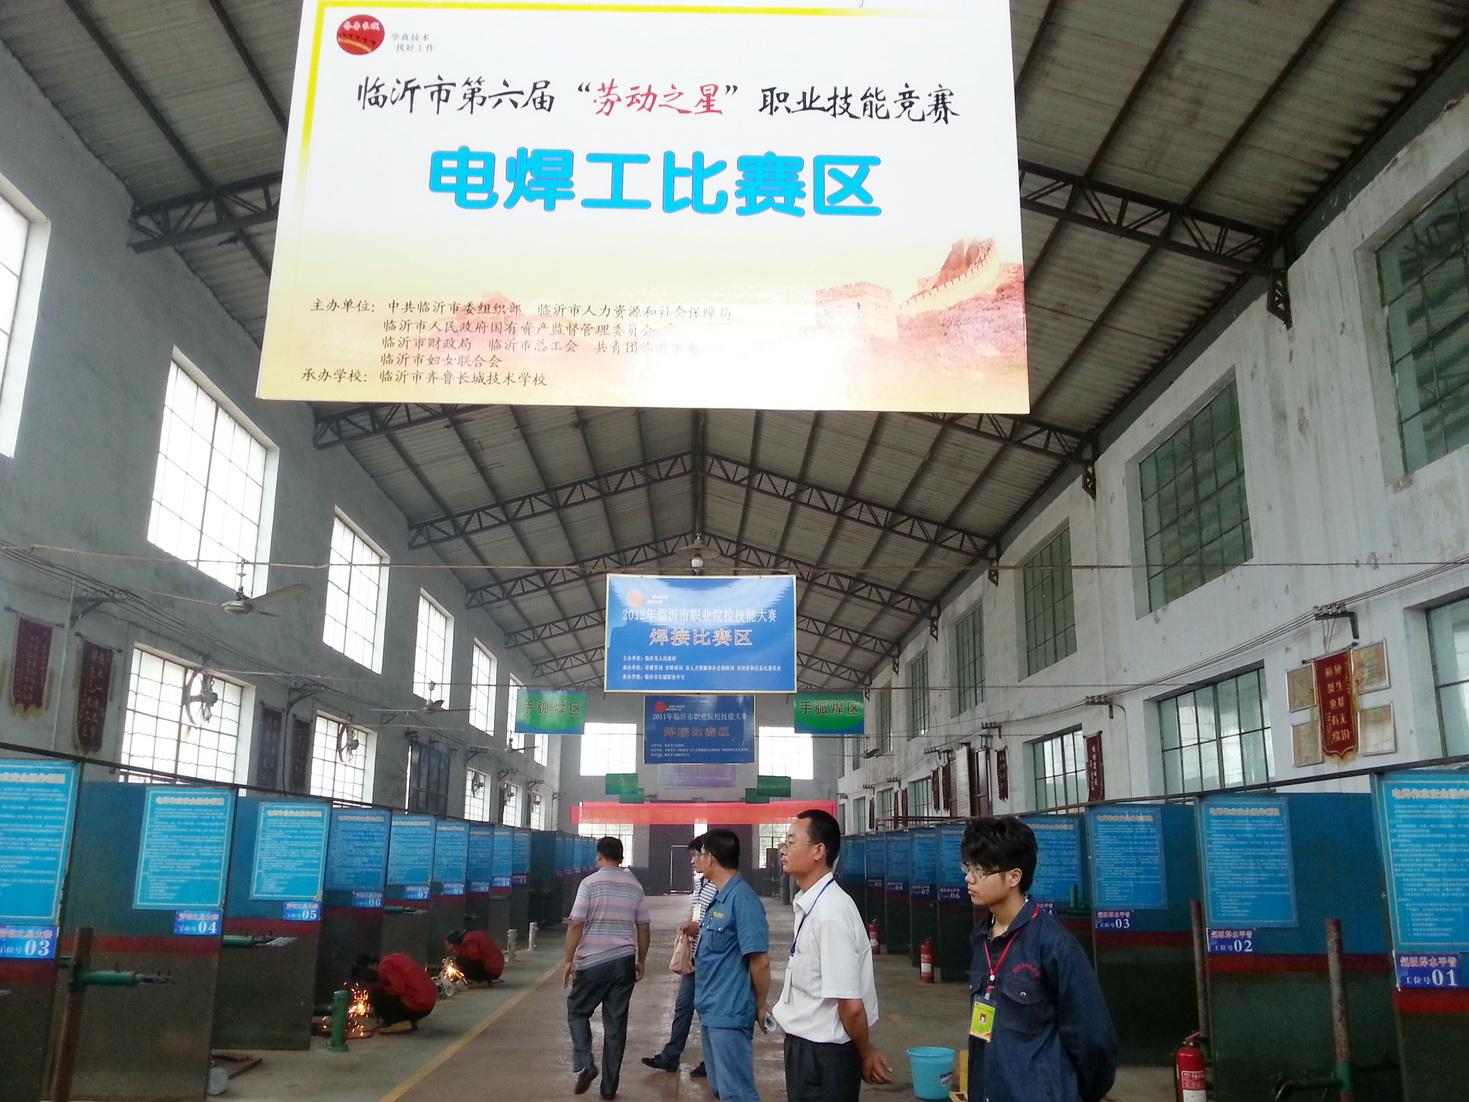 临沂市第六届劳动之星职业技能大赛学生组第一名花落临沂高升焊接工程学校